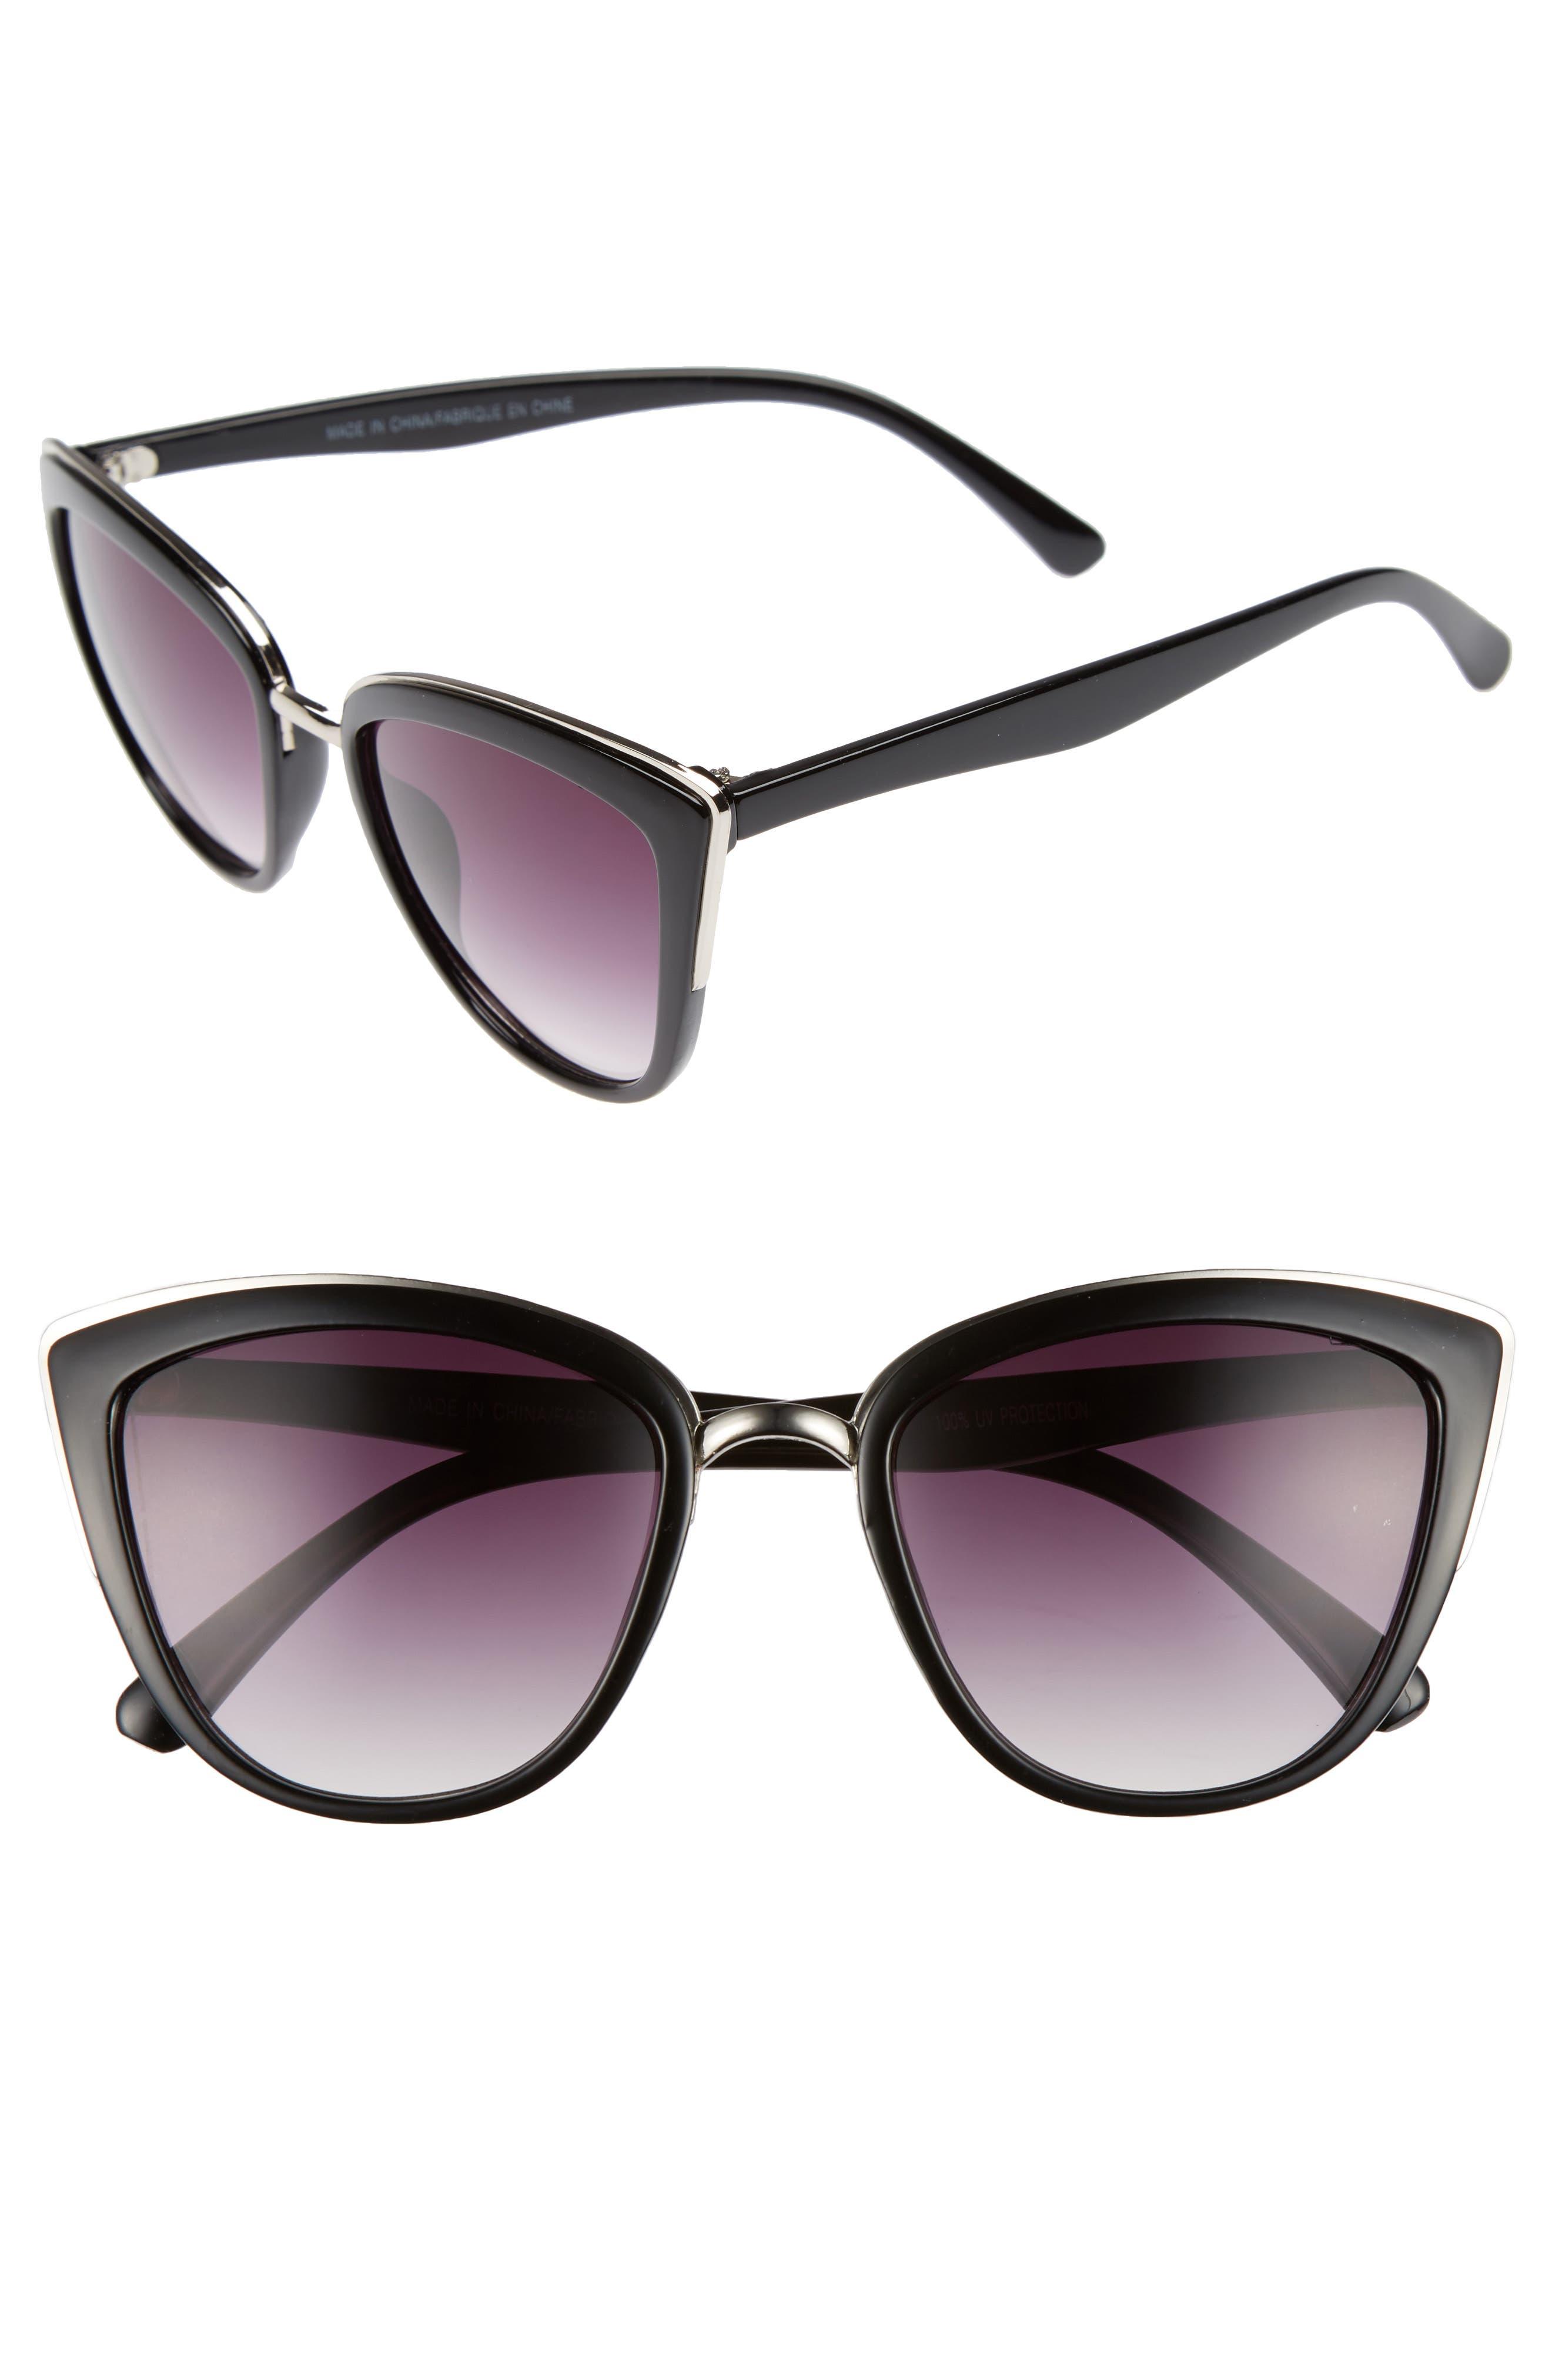 Main Image - BP. 55mm Metal Rim Cat Eye Sunglasses